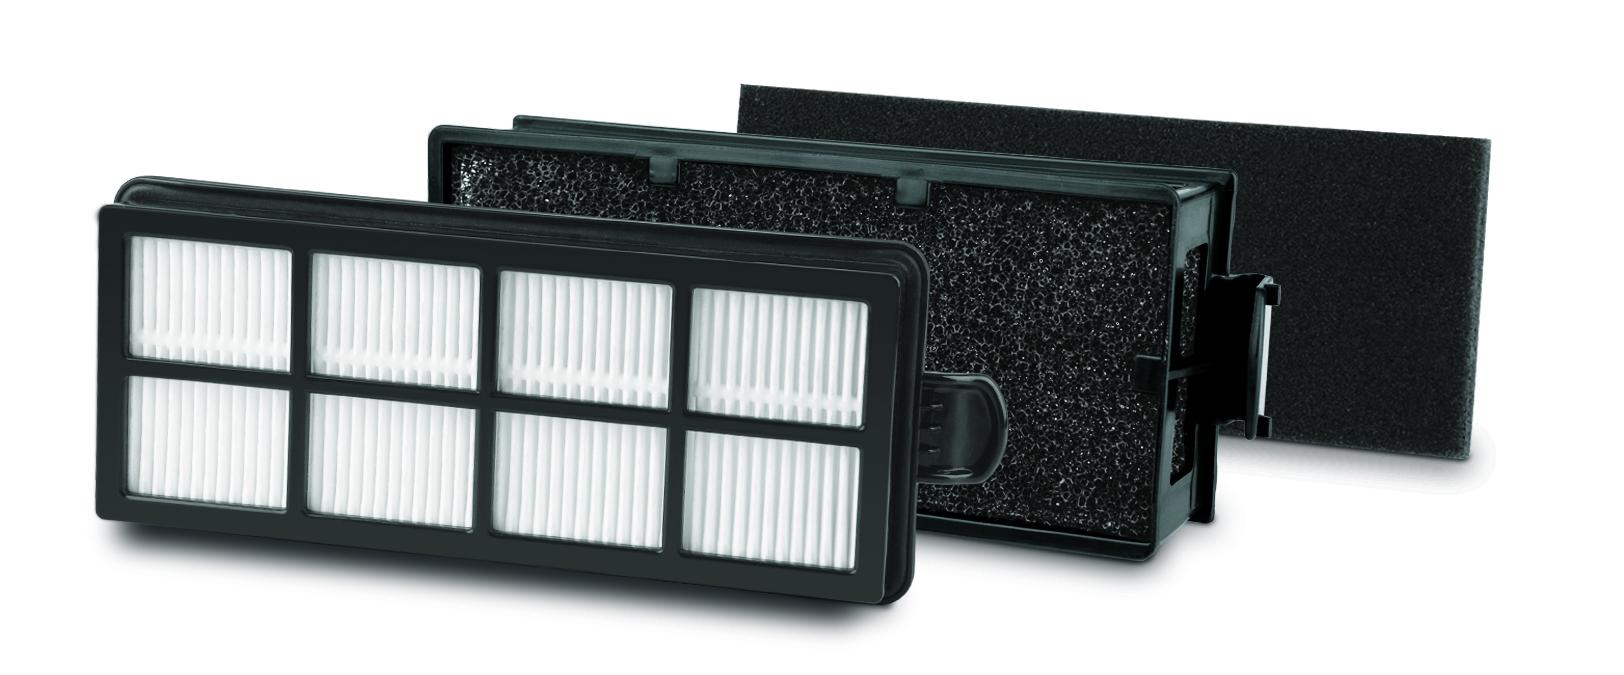 Vitek VT-1863 BK, Black фильтр для пылесосаVT-1863(BK)Фильтр VT-1863 – это залог качественной уборки дома. В комплект входит НЕРА-фильтр, входной фильтр, а также пористый фильтр. В совокупности все фильтры прекрасно улавливают даже самые мельчайшие частицы пыли, часто являющиеся аллергенами. Замена фильтров – простое и легкое занятие, с которым без труда справится даже ребенок!